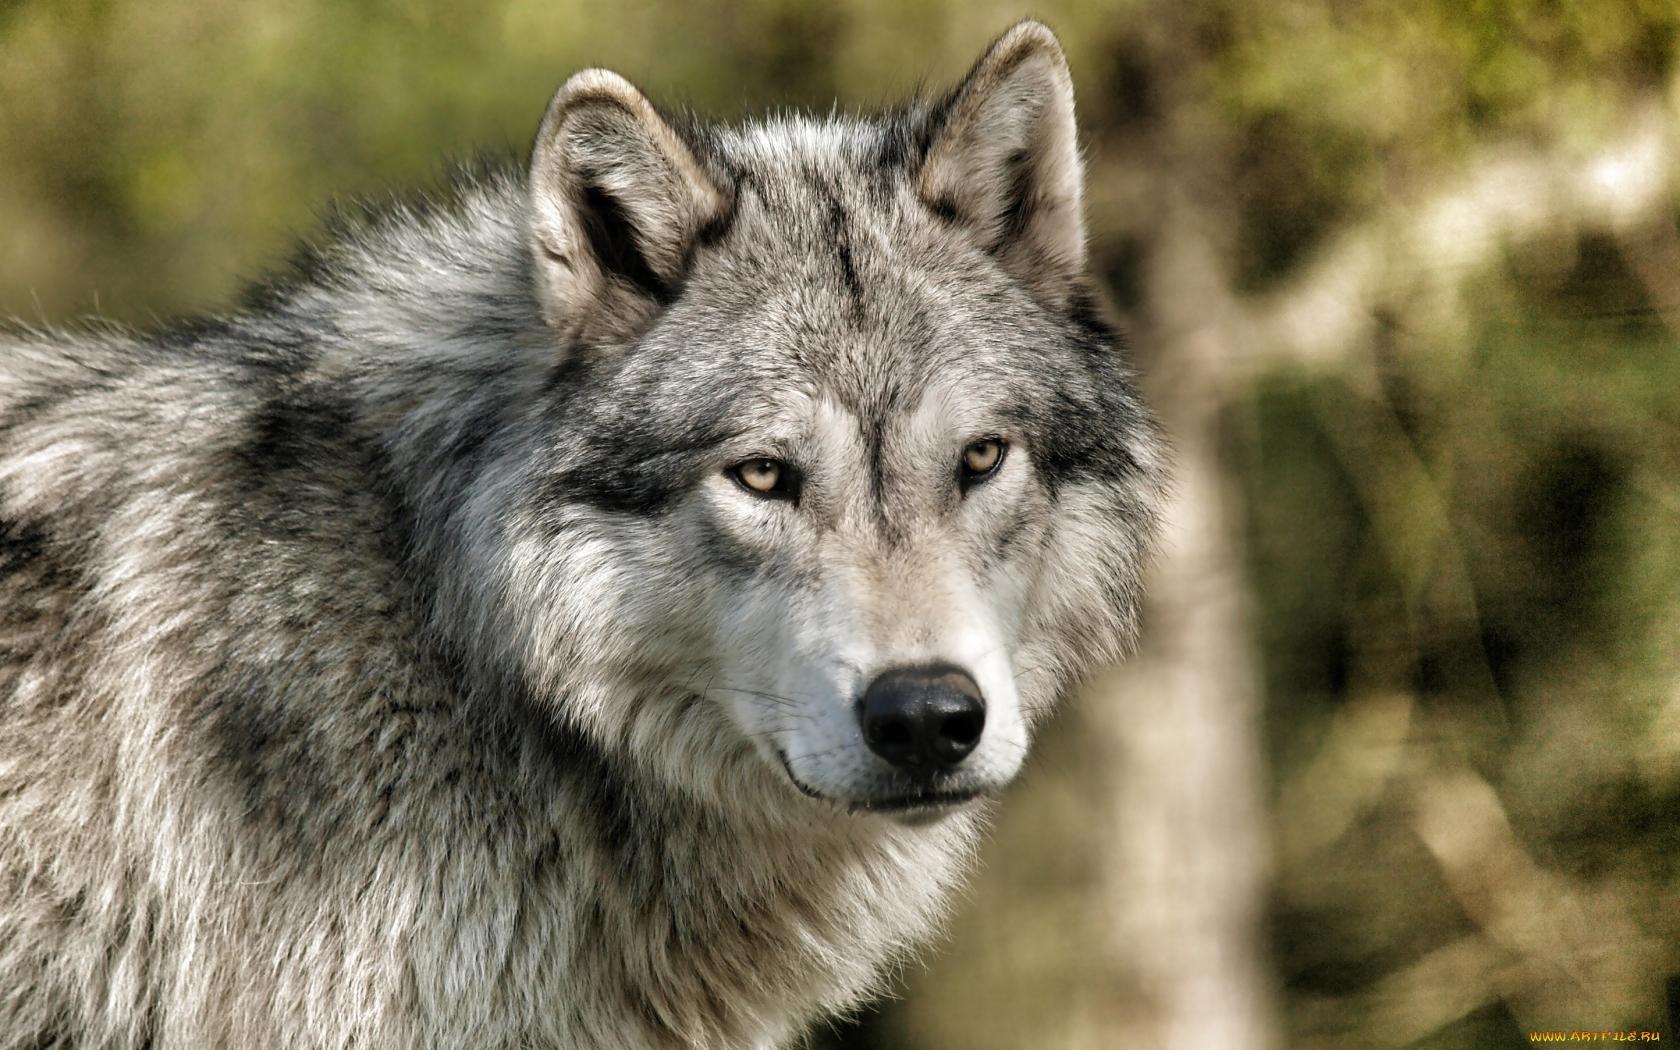 14376 Hintergrundbild herunterladen Wölfe, Tiere - Bildschirmschoner und Bilder kostenlos